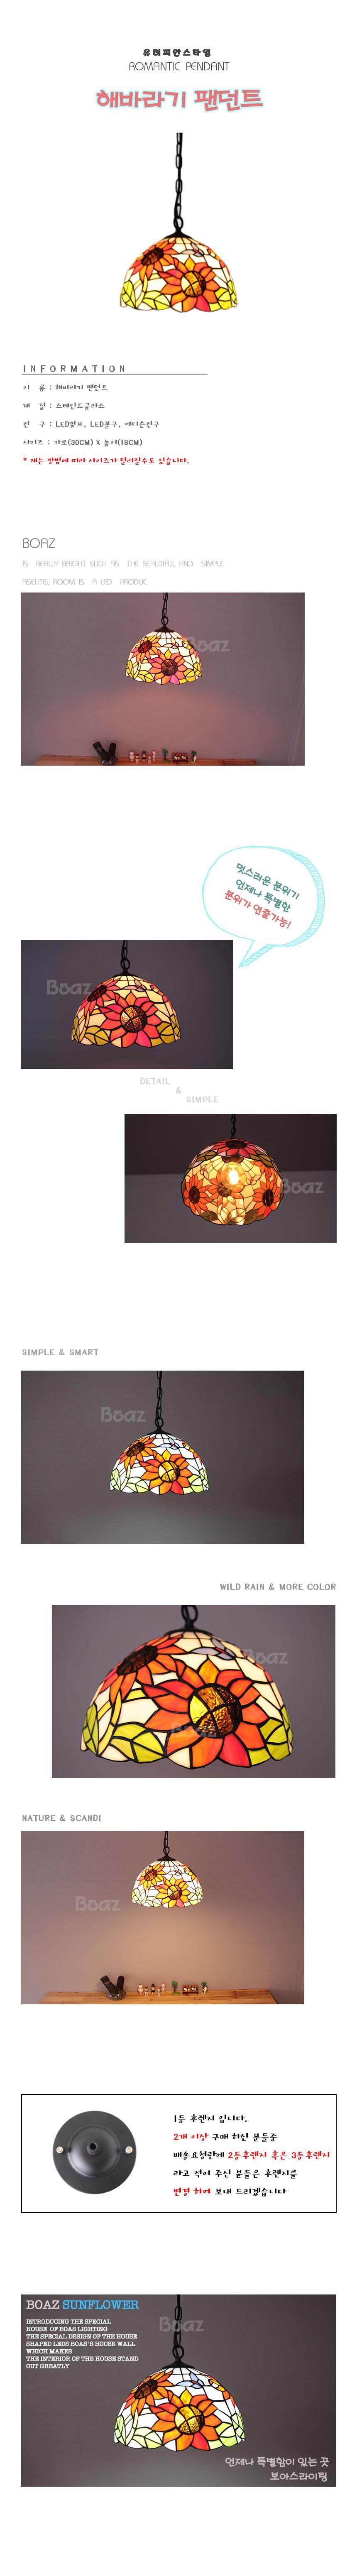 boaz 해바라기 식탁등 LED 카페 홈 인테리어 조명 - 보아스라이팅, 110,000원, 디자인조명, 팬던트조명